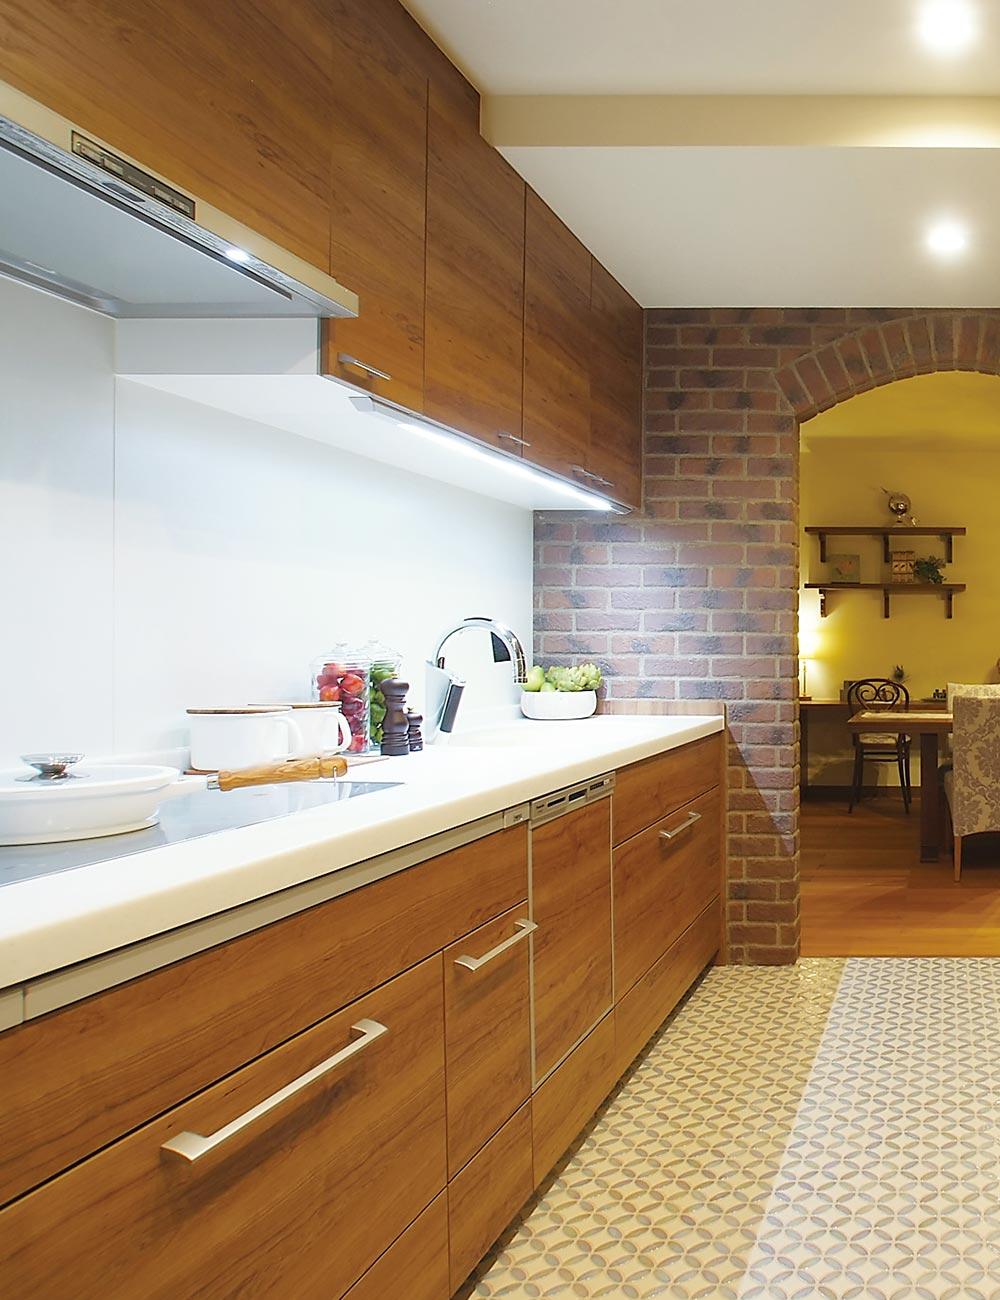 木質系住宅 姫路リバーシティ展示場 内観写真:キッチン